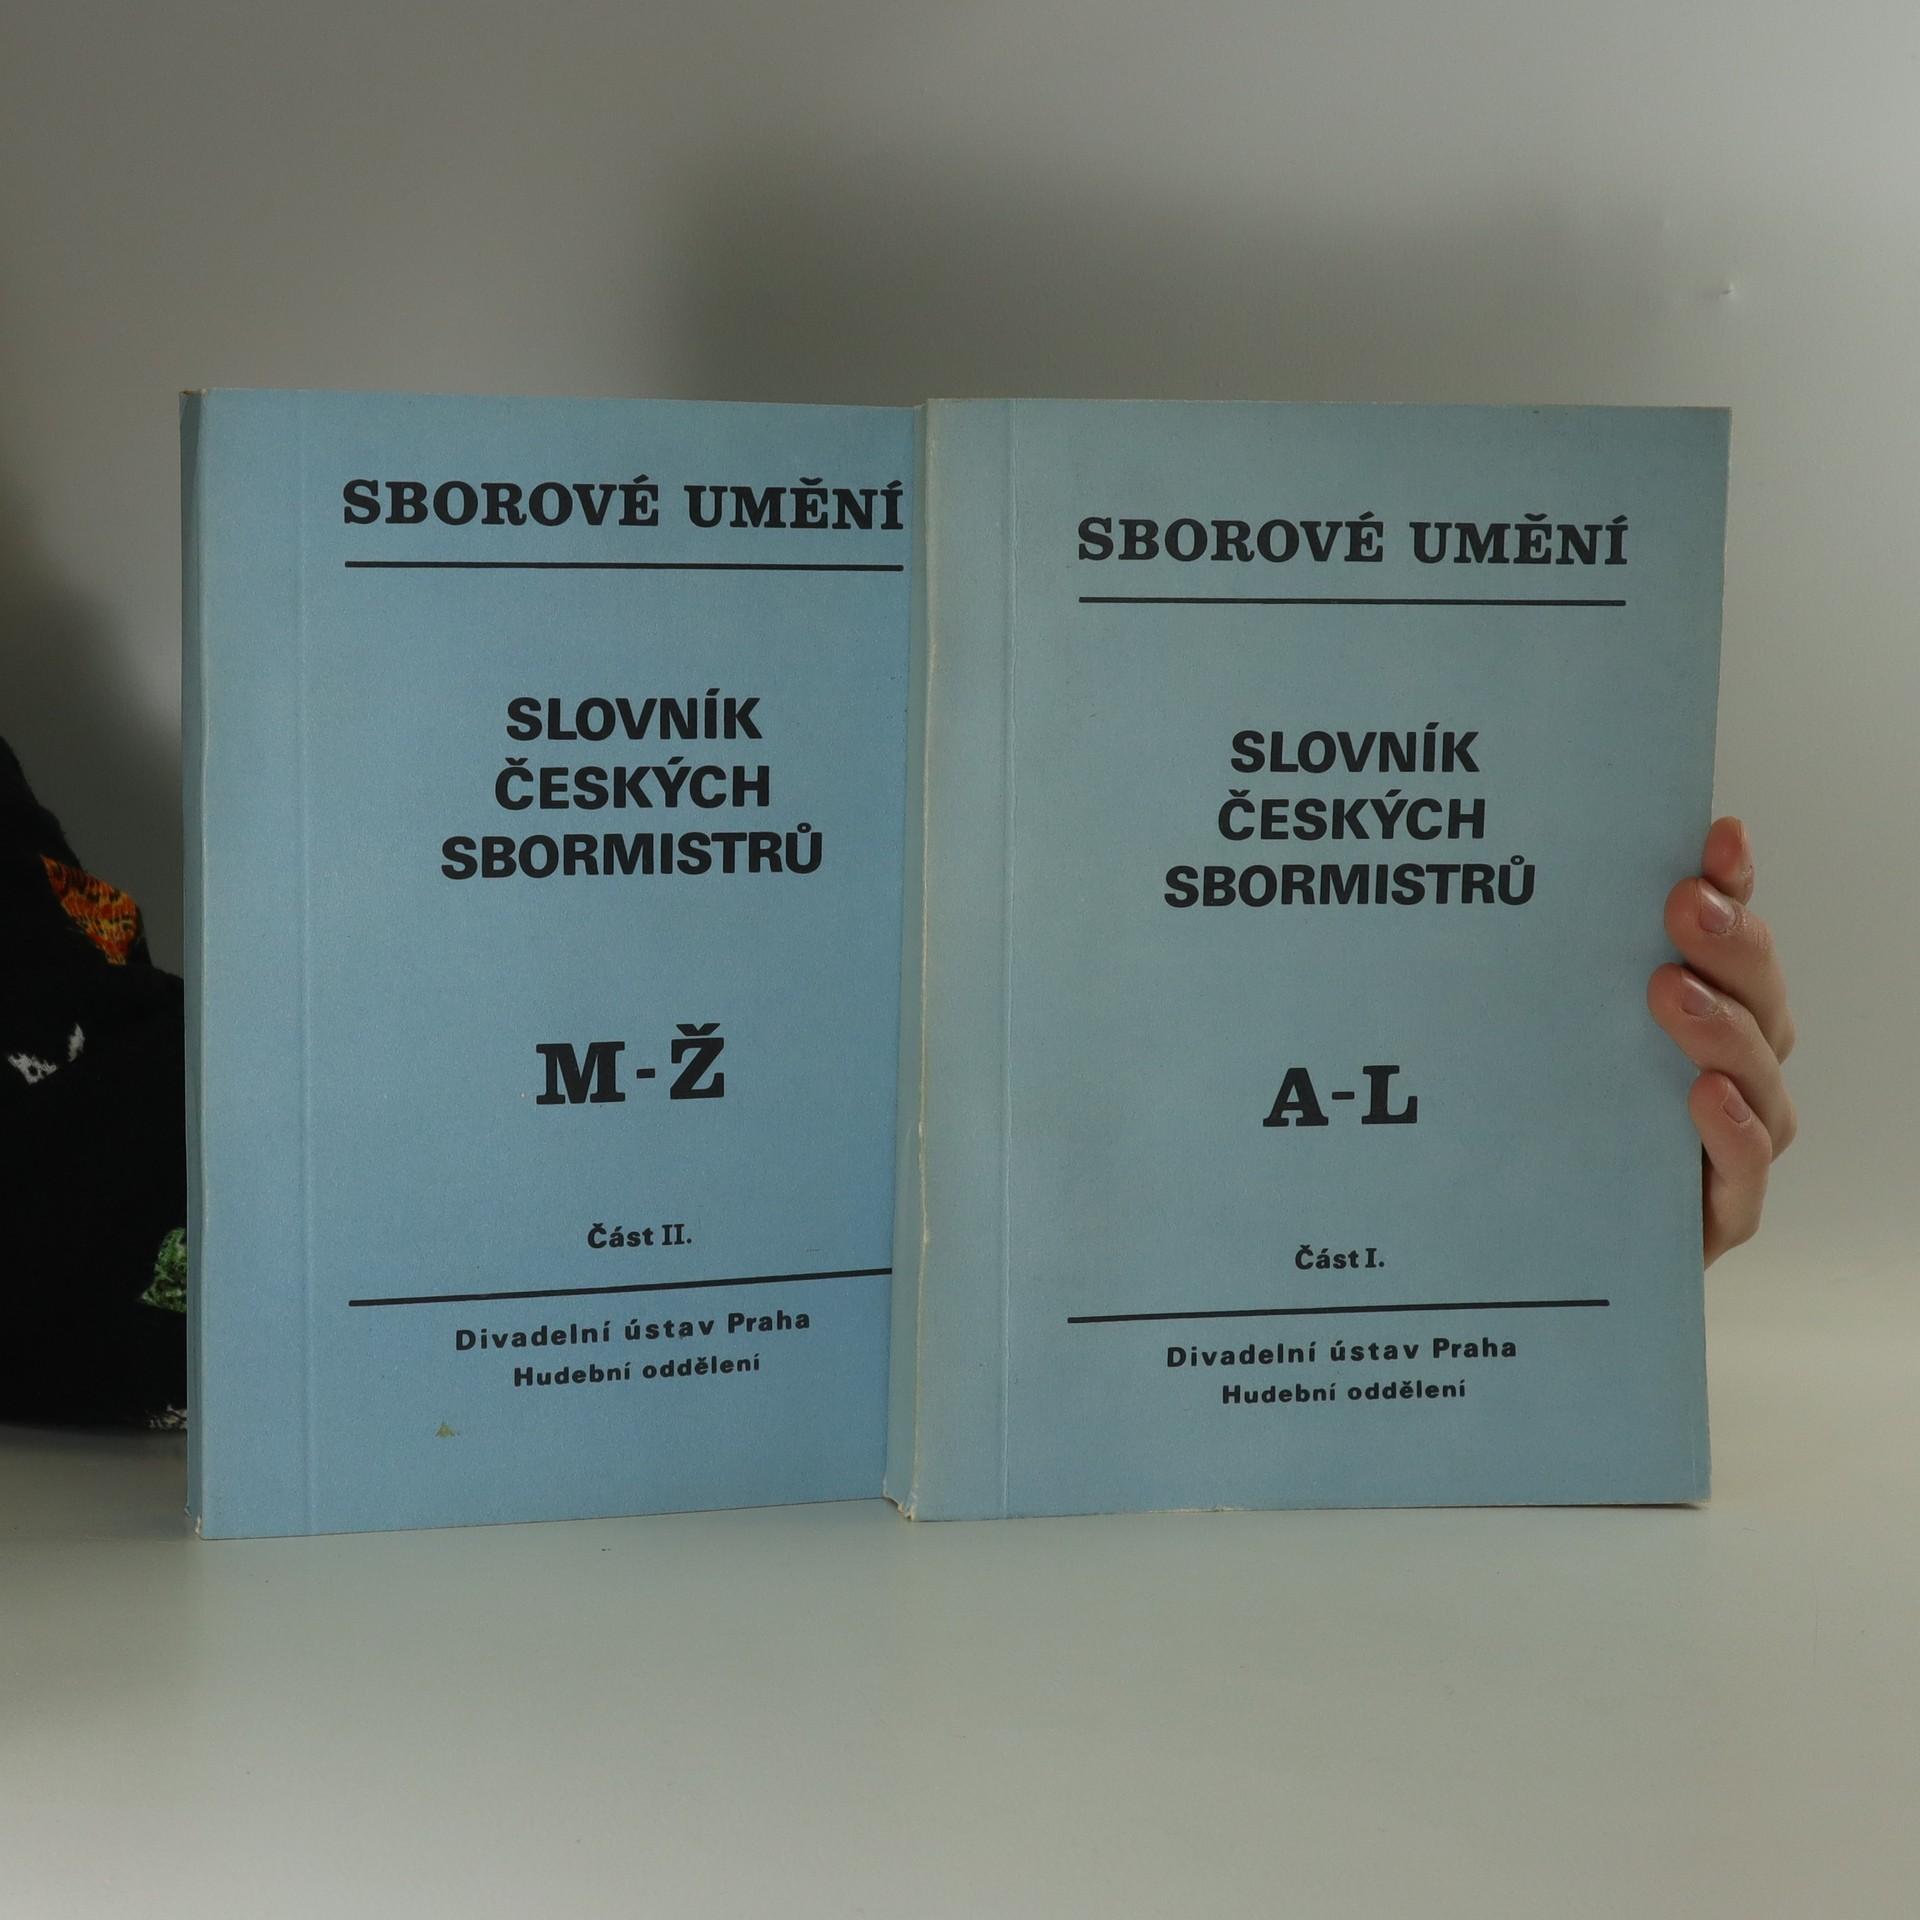 antikvární kniha Slovník českých sbormistrů. I. a II. část (svazky), 1982